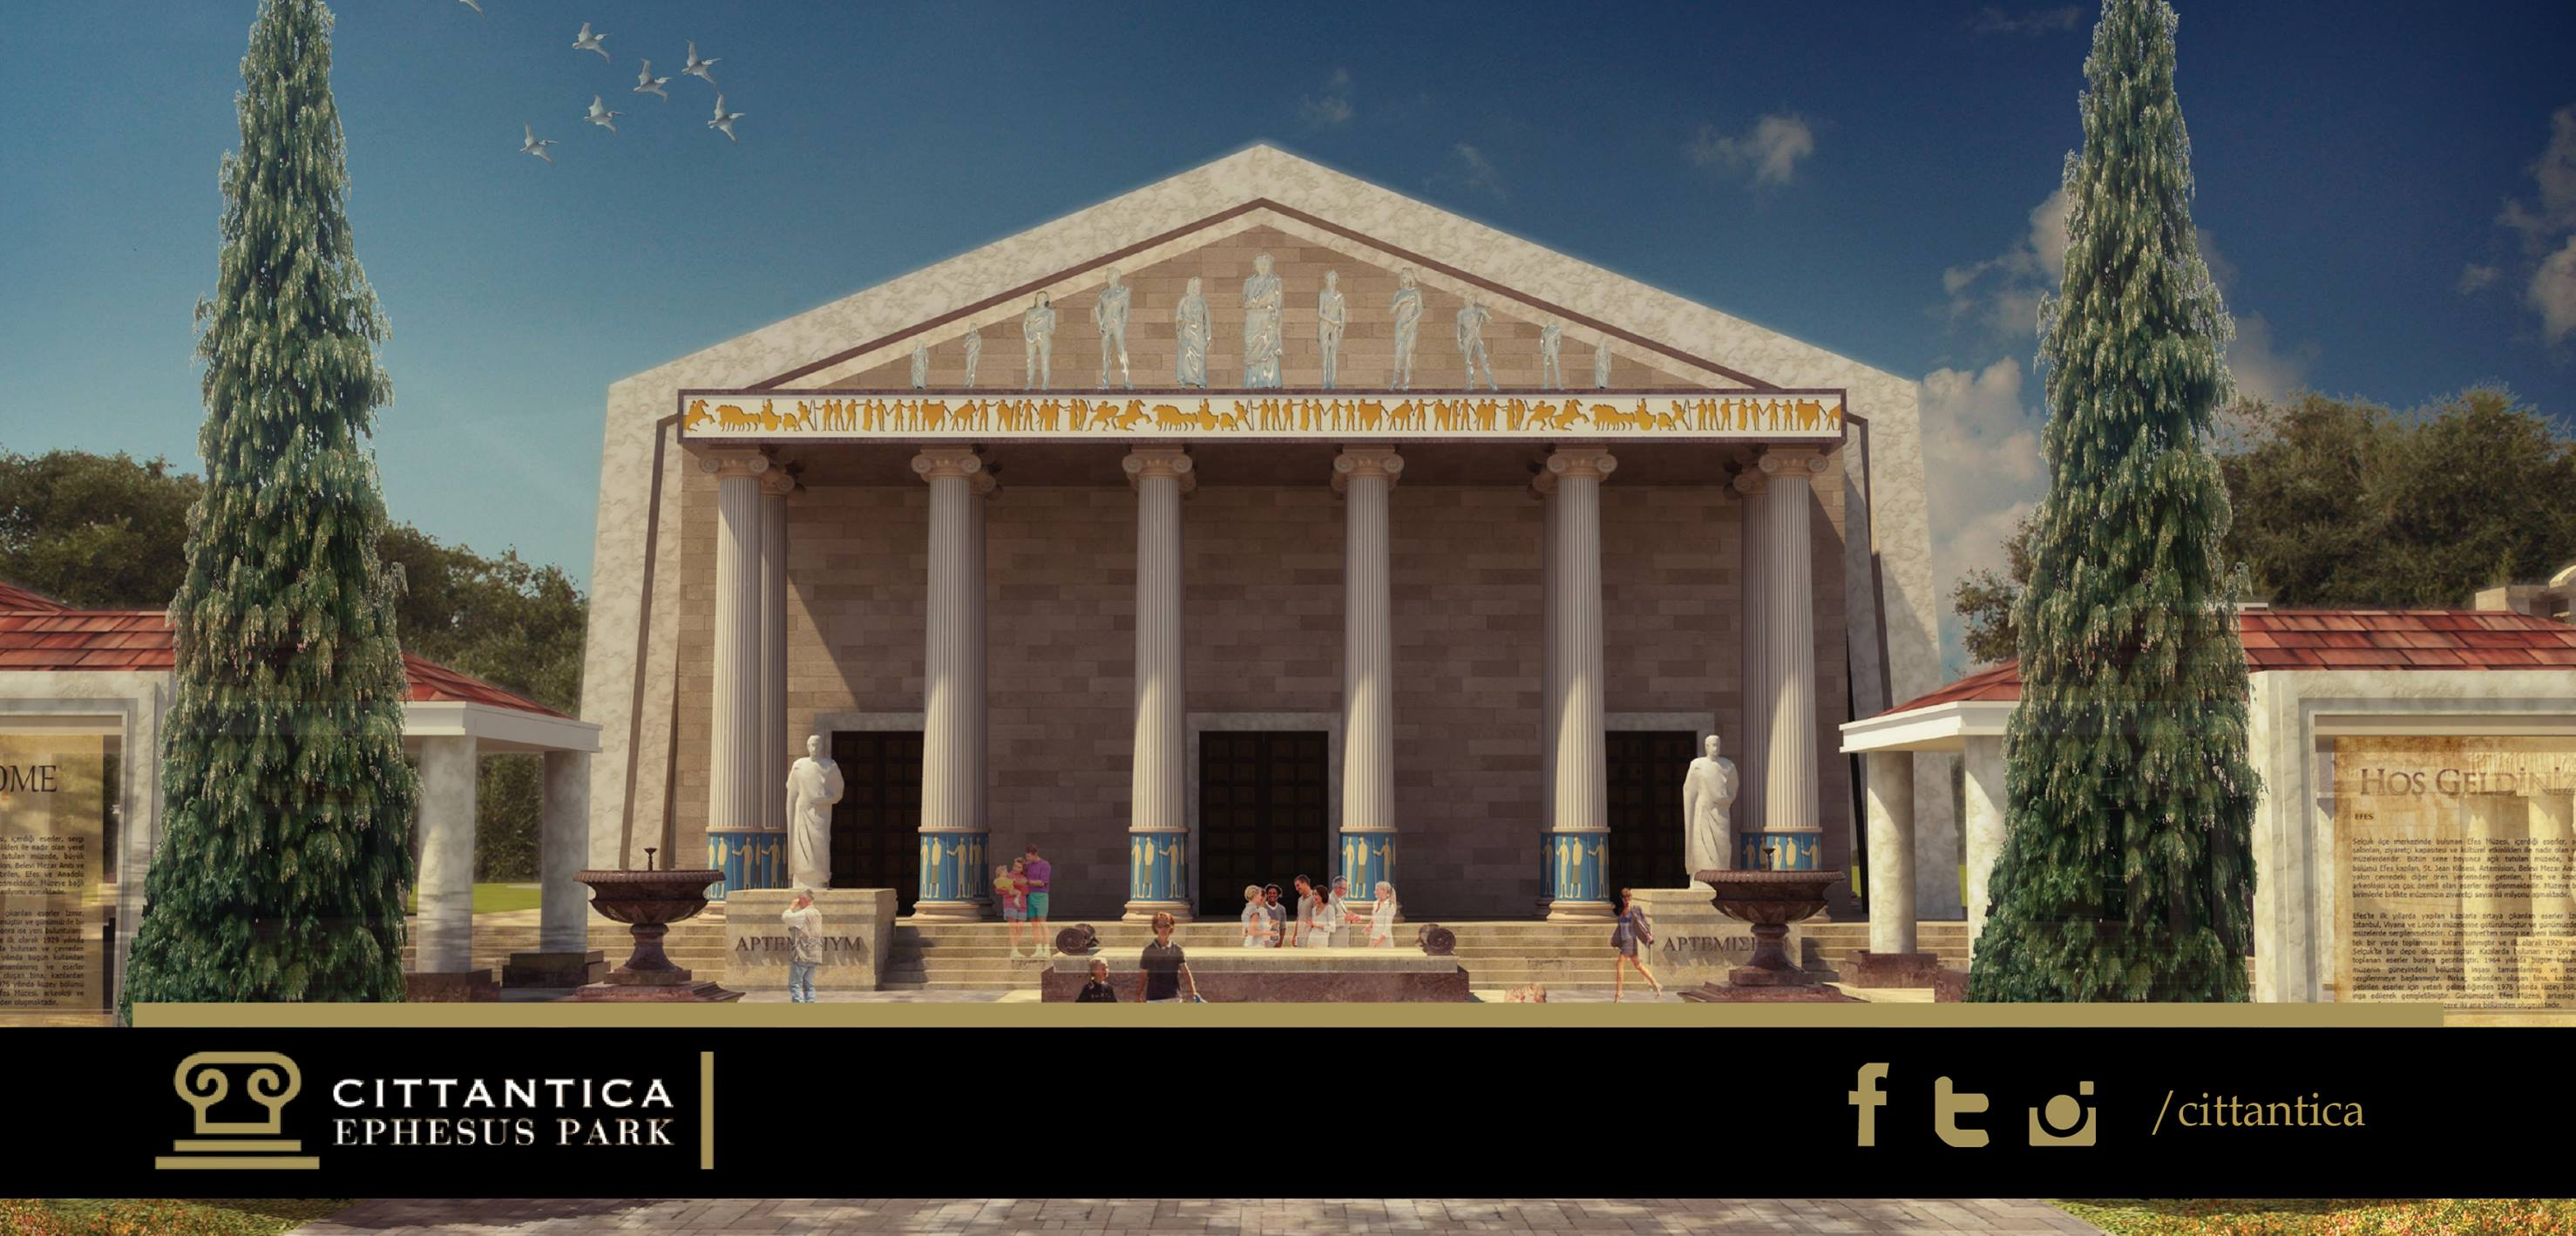 Cittantica-Ephesus-Park (10)